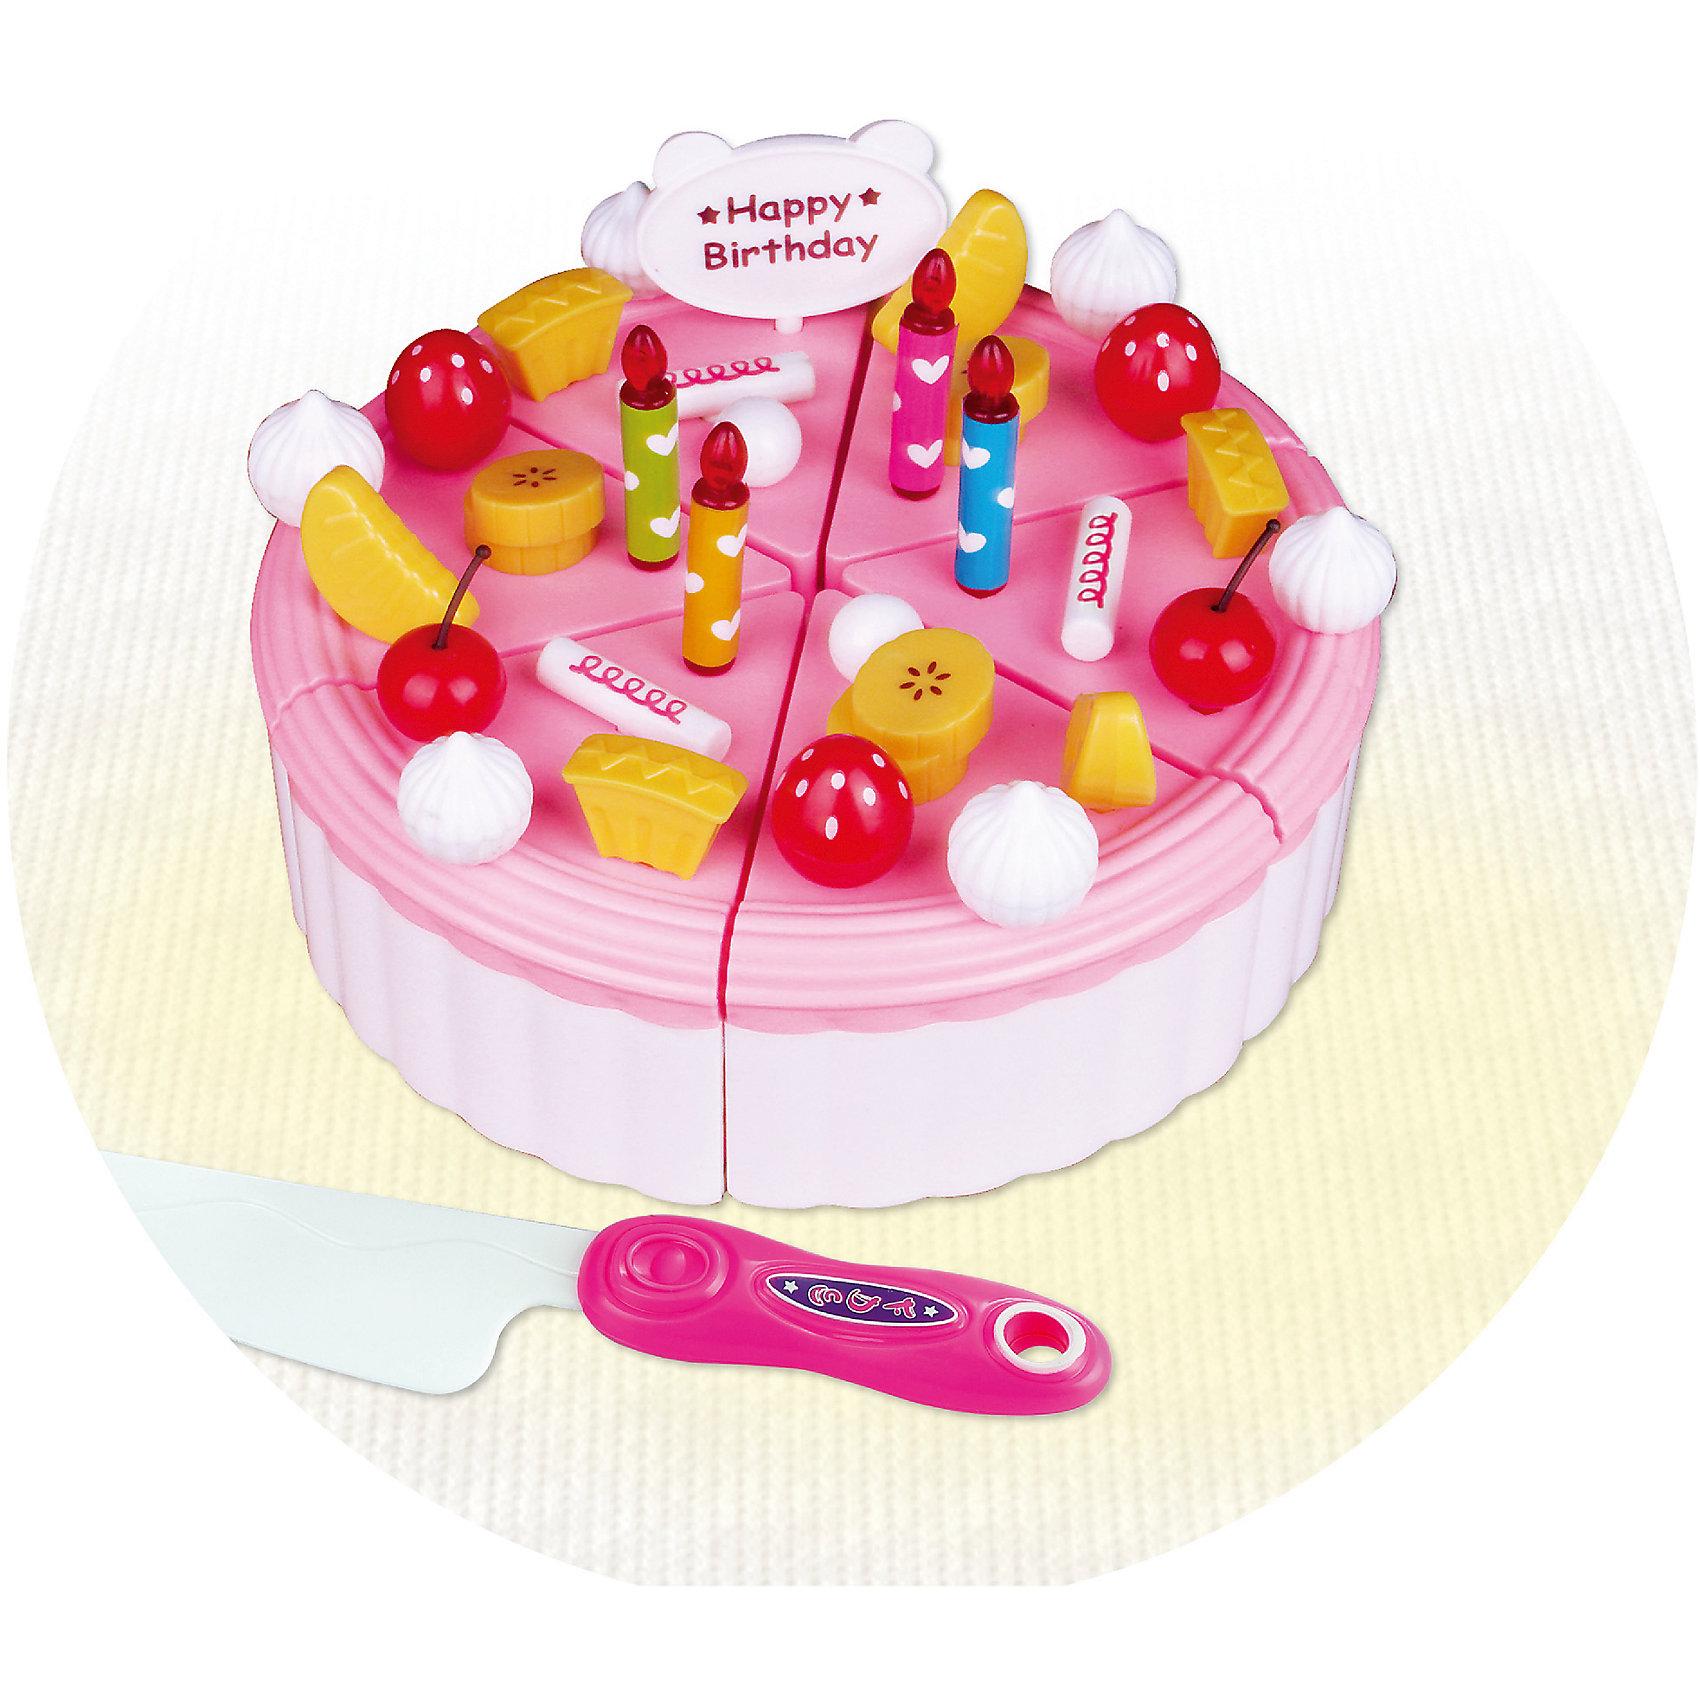 KRUTTI Игровой набор Торт и ножик, Krutti набор игровой праздничный торт a7401